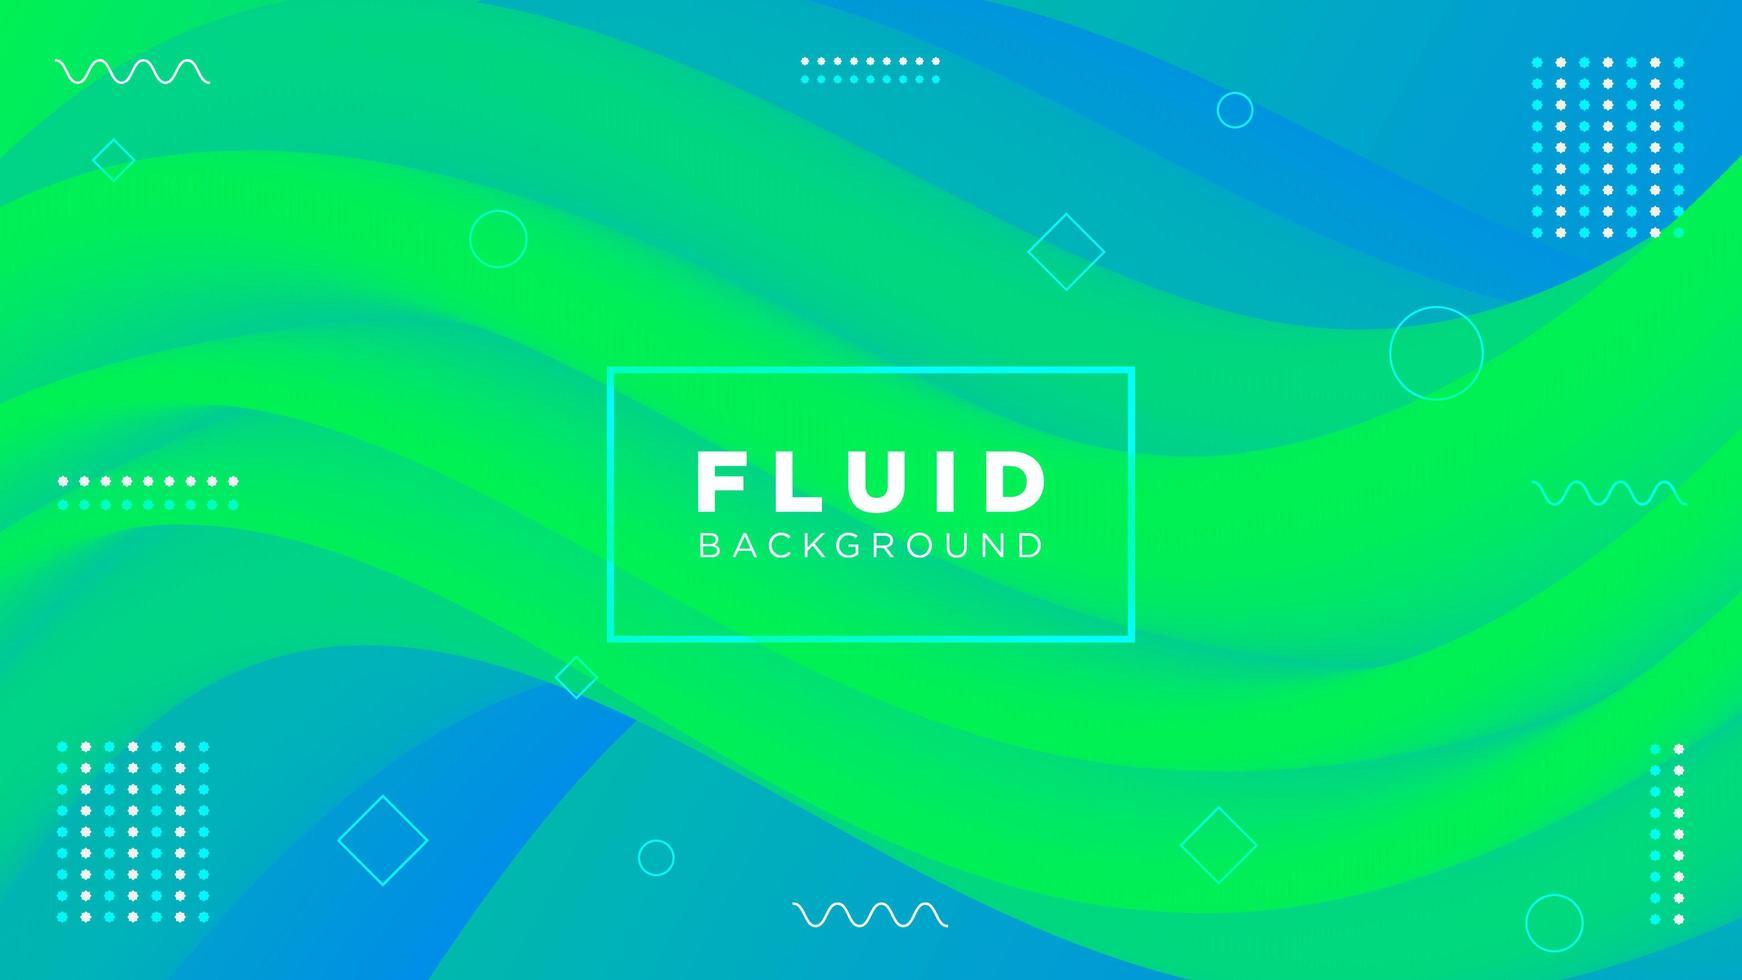 kreativer moderner fließender Hintergrund in blaugrünen Farben vektor